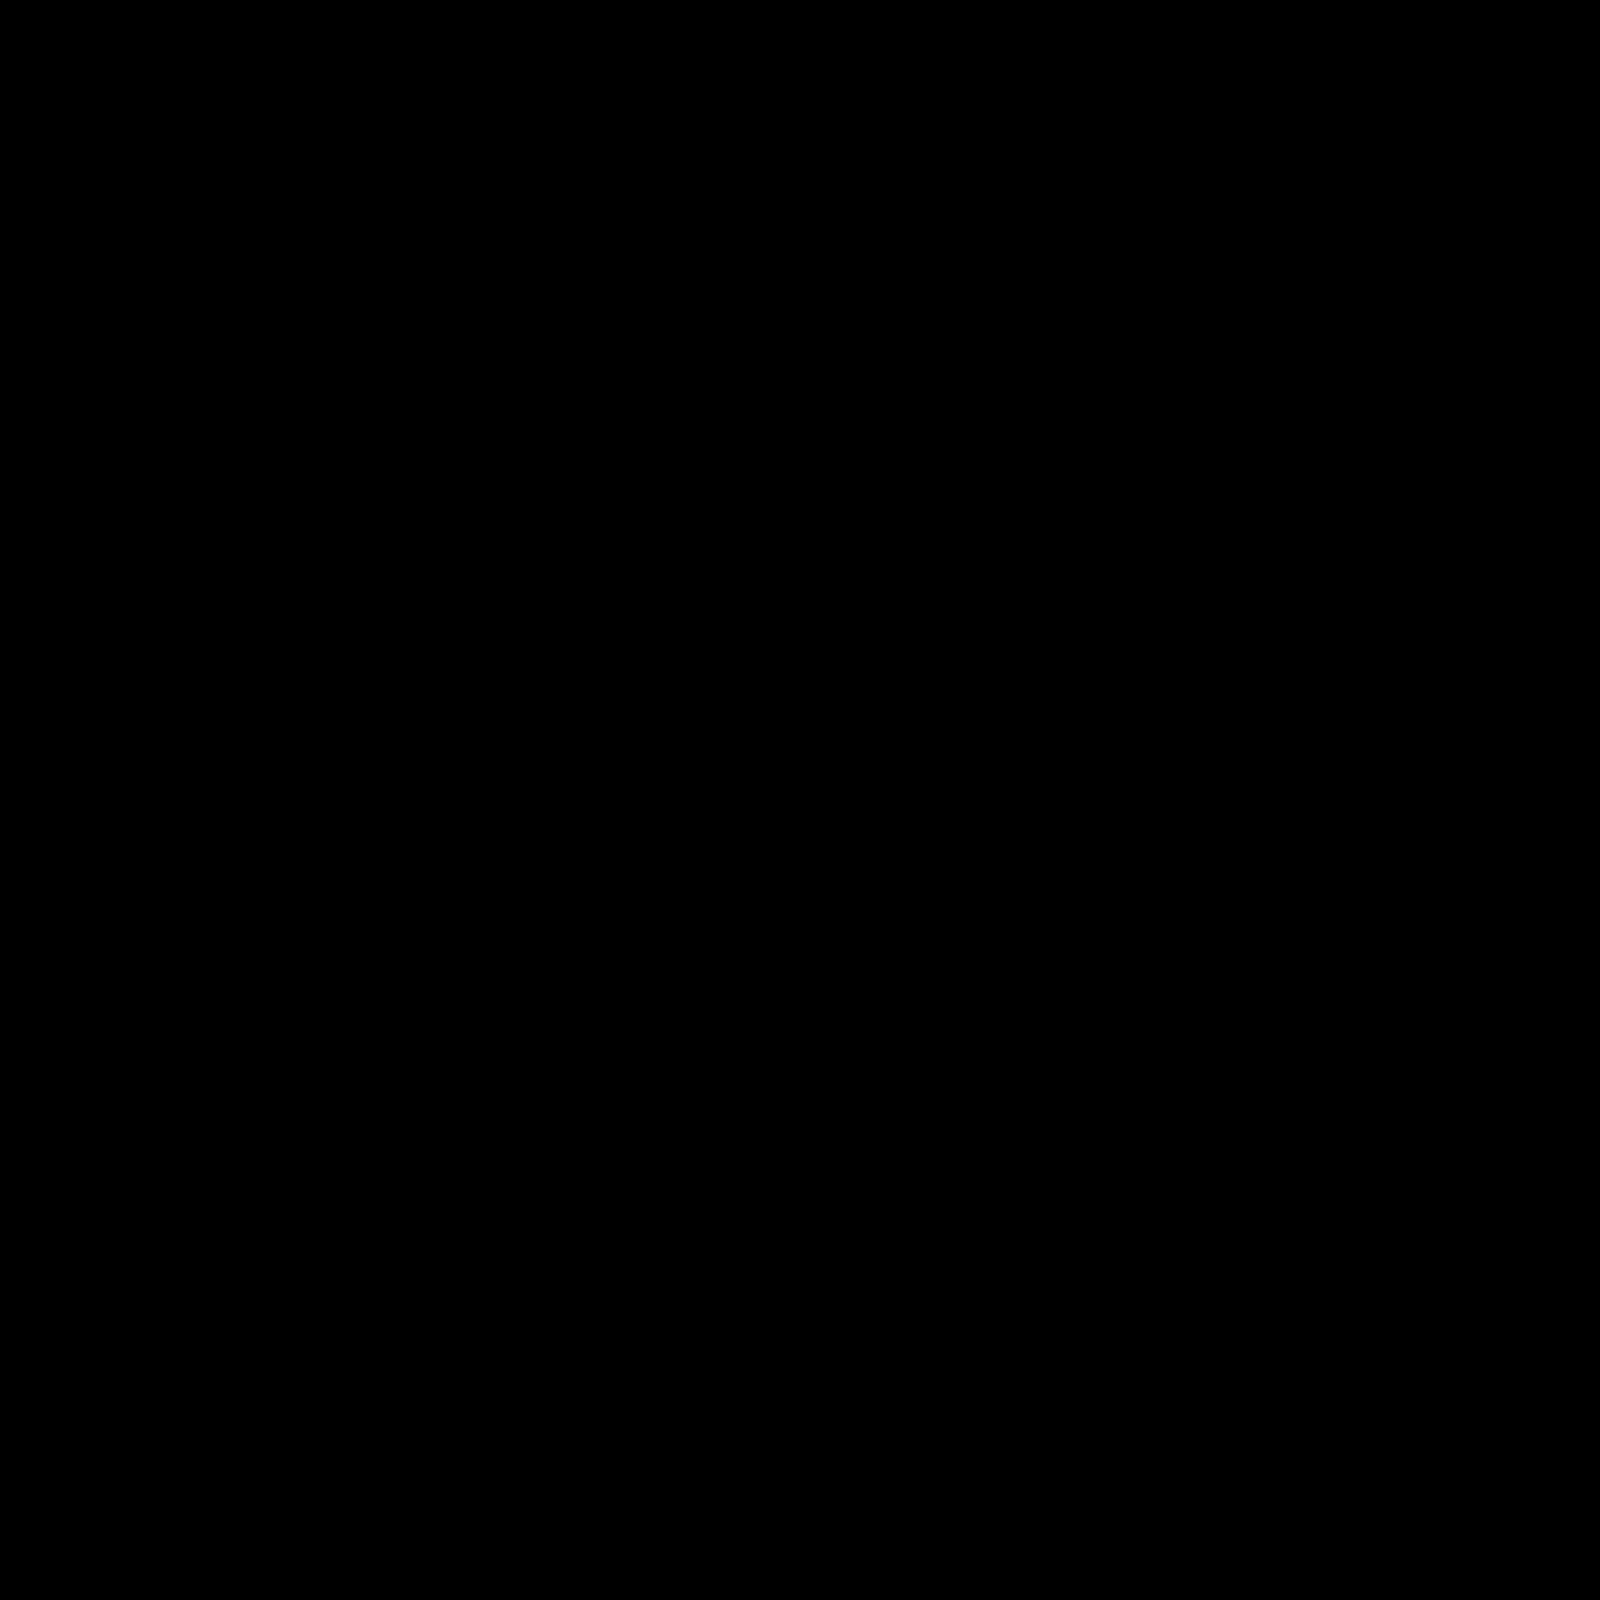 医疗移动应用程序 icon